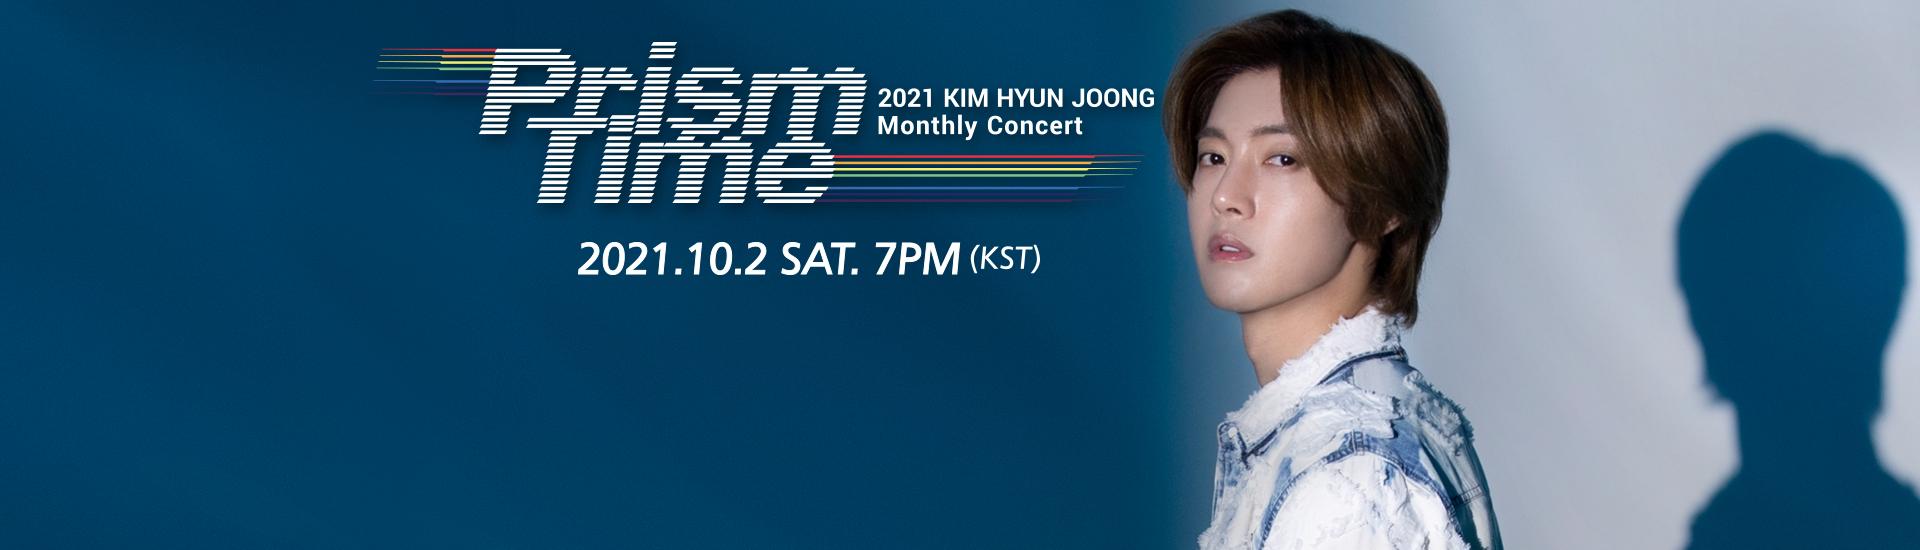 Kim Hyun Joong - KIM HYUN JOONG Monthly Concert 'Prism Time' [Indigo]